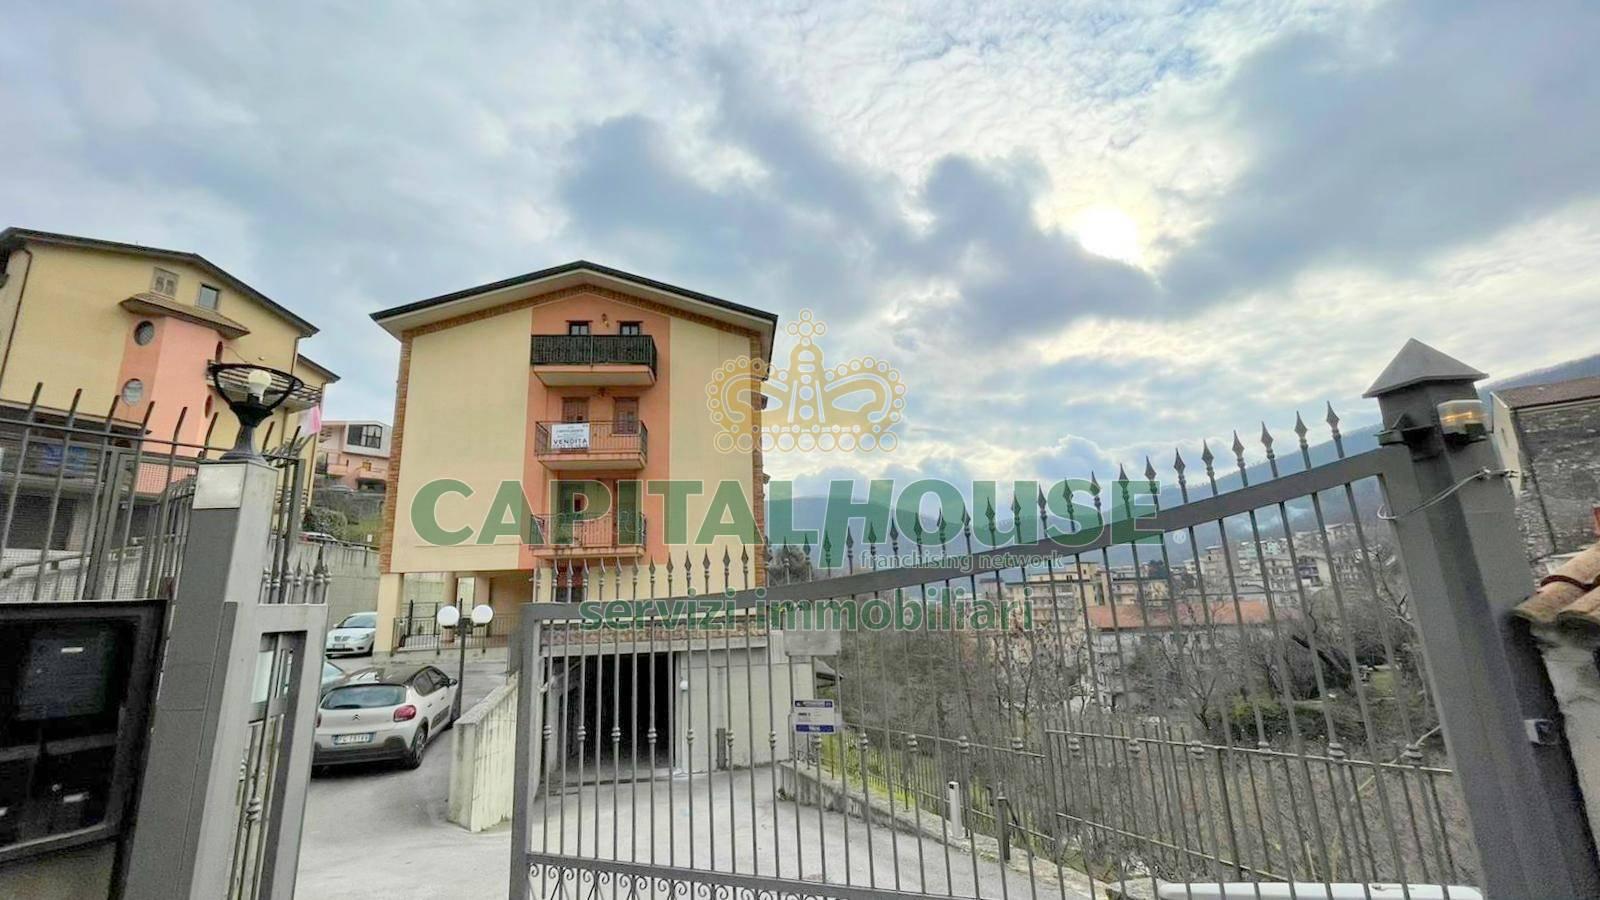 Appartamento in vendita a Monteforte Irpino, 3 locali, zona Località: Centro, prezzo € 79.000   CambioCasa.it